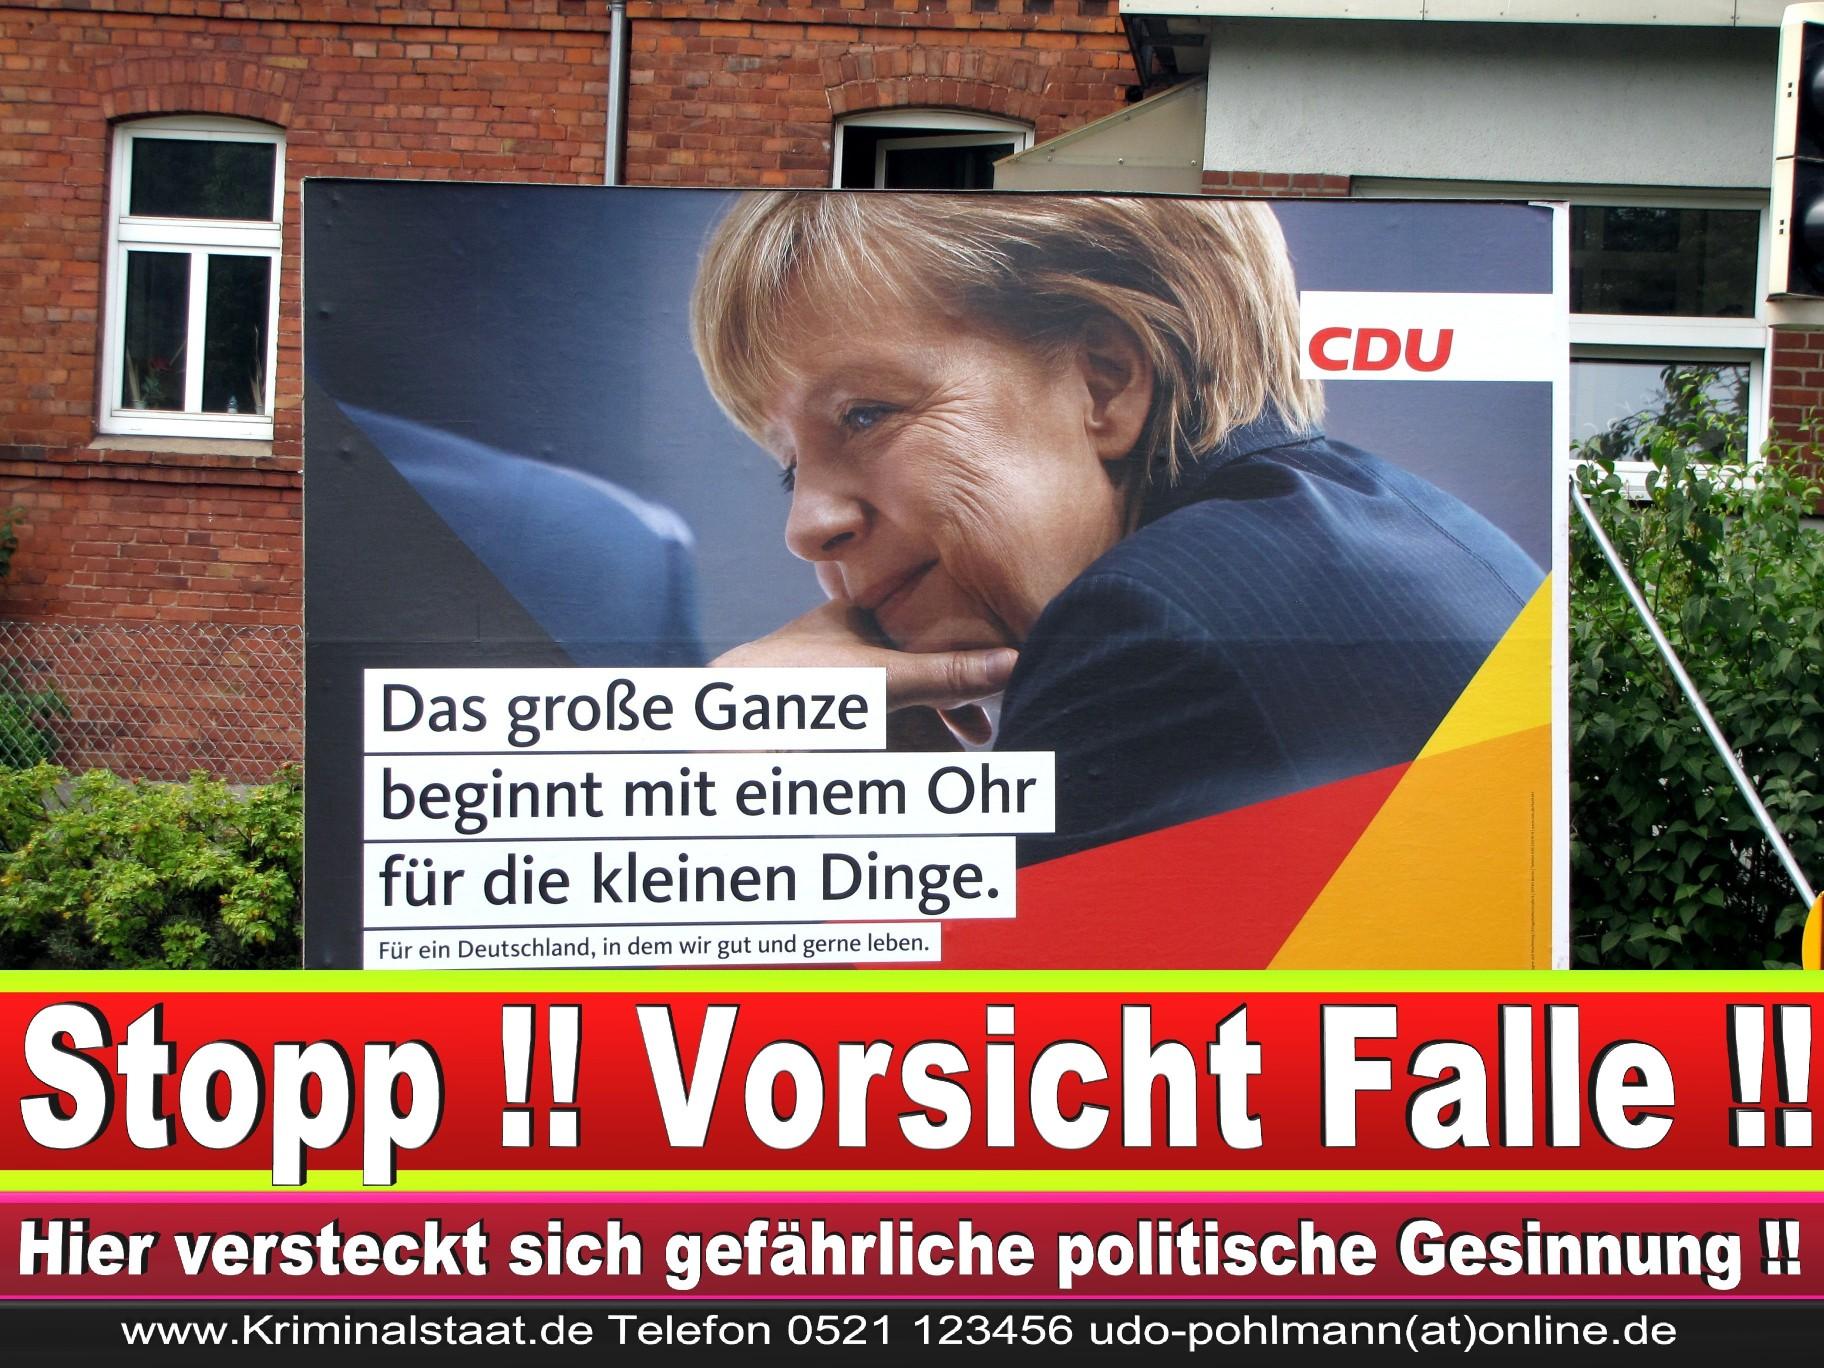 Wahlwerbung Wahlplakate Landtagswahl 2019 Europawahl CDU SPD FDP 2021 (69)